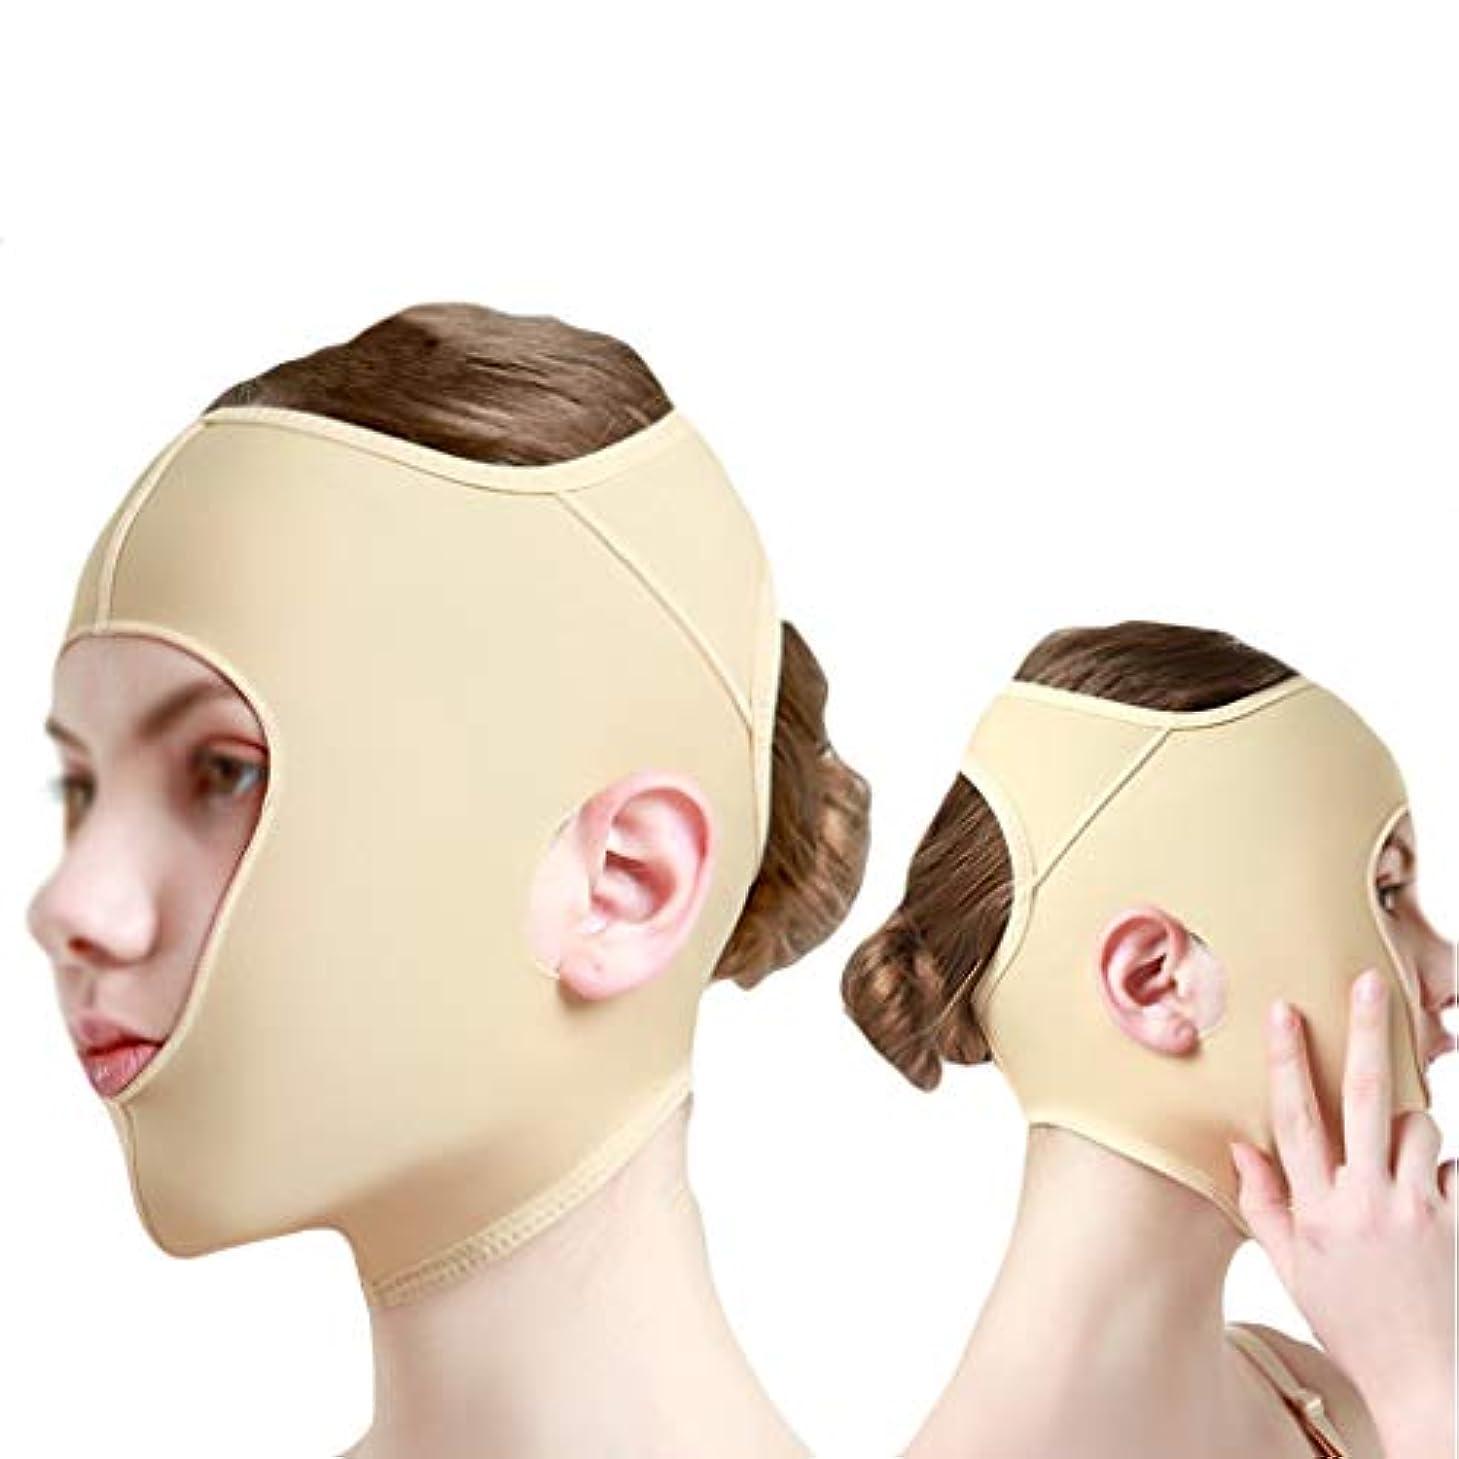 柔らかい足見ました熟読するXHLMRMJ 顔の彫刻ツール、脂肪吸引フード、二重あご包帯、ストレッチマスク (Size : M)